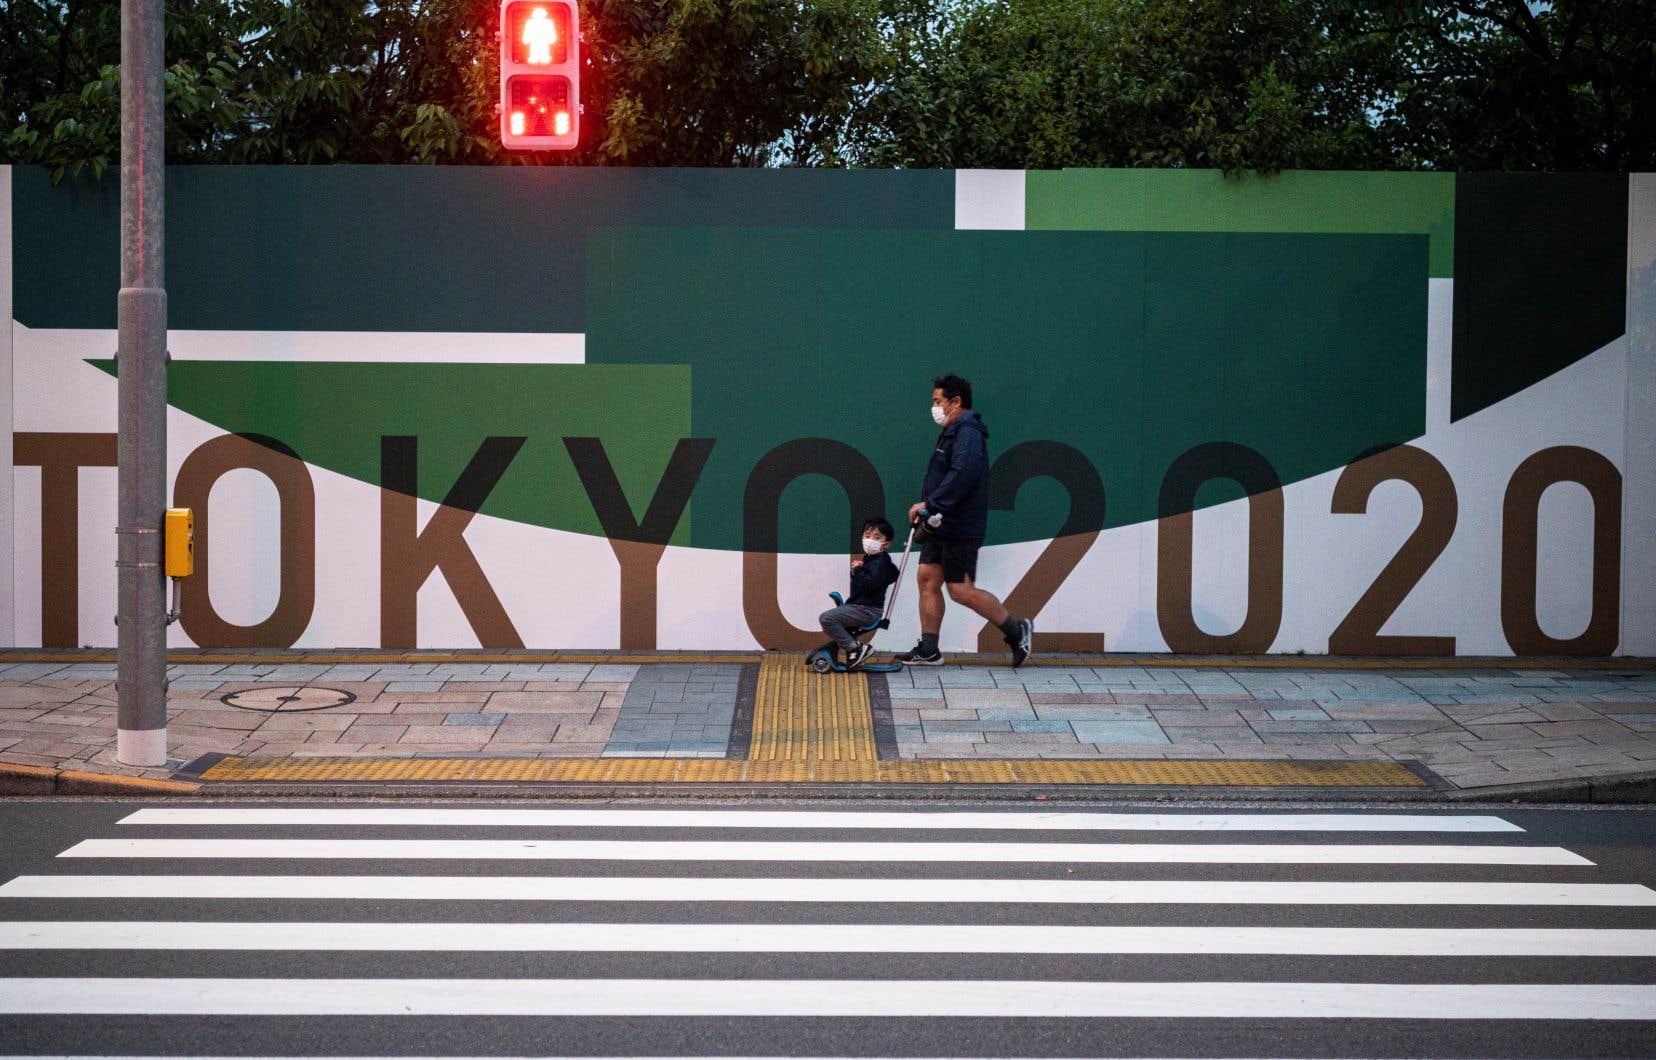 Le Japon a été relativement épargné par la pandémie, avec un peu plus de 11000 morts officiellement recensés depuis début 2020, mais les experts médicaux préviennent que le système hospitalier est sous forte pression.